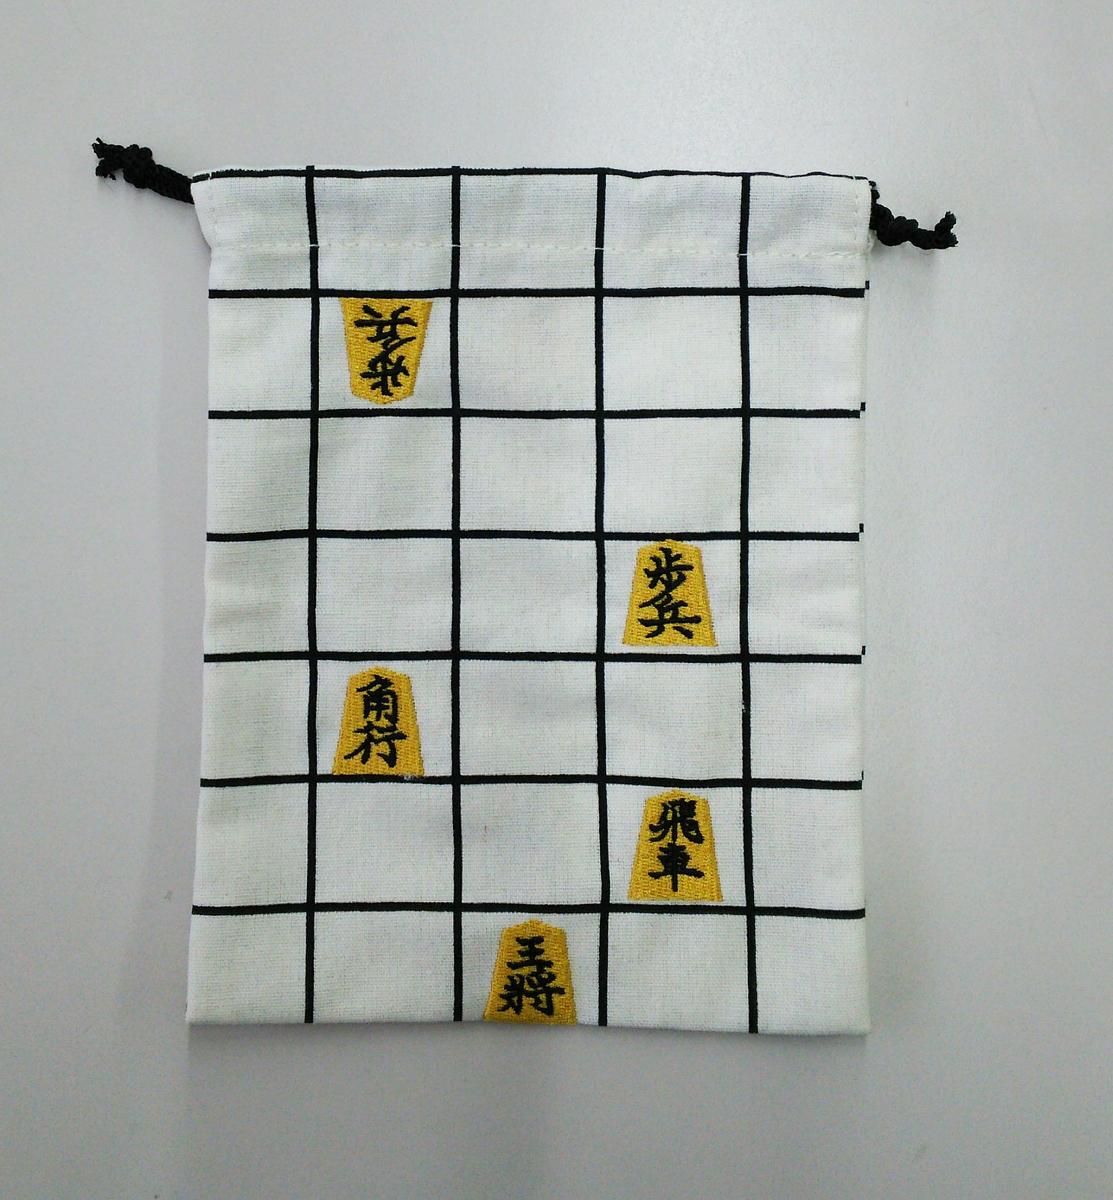 f:id:embroideryplay:20190409110215j:plain